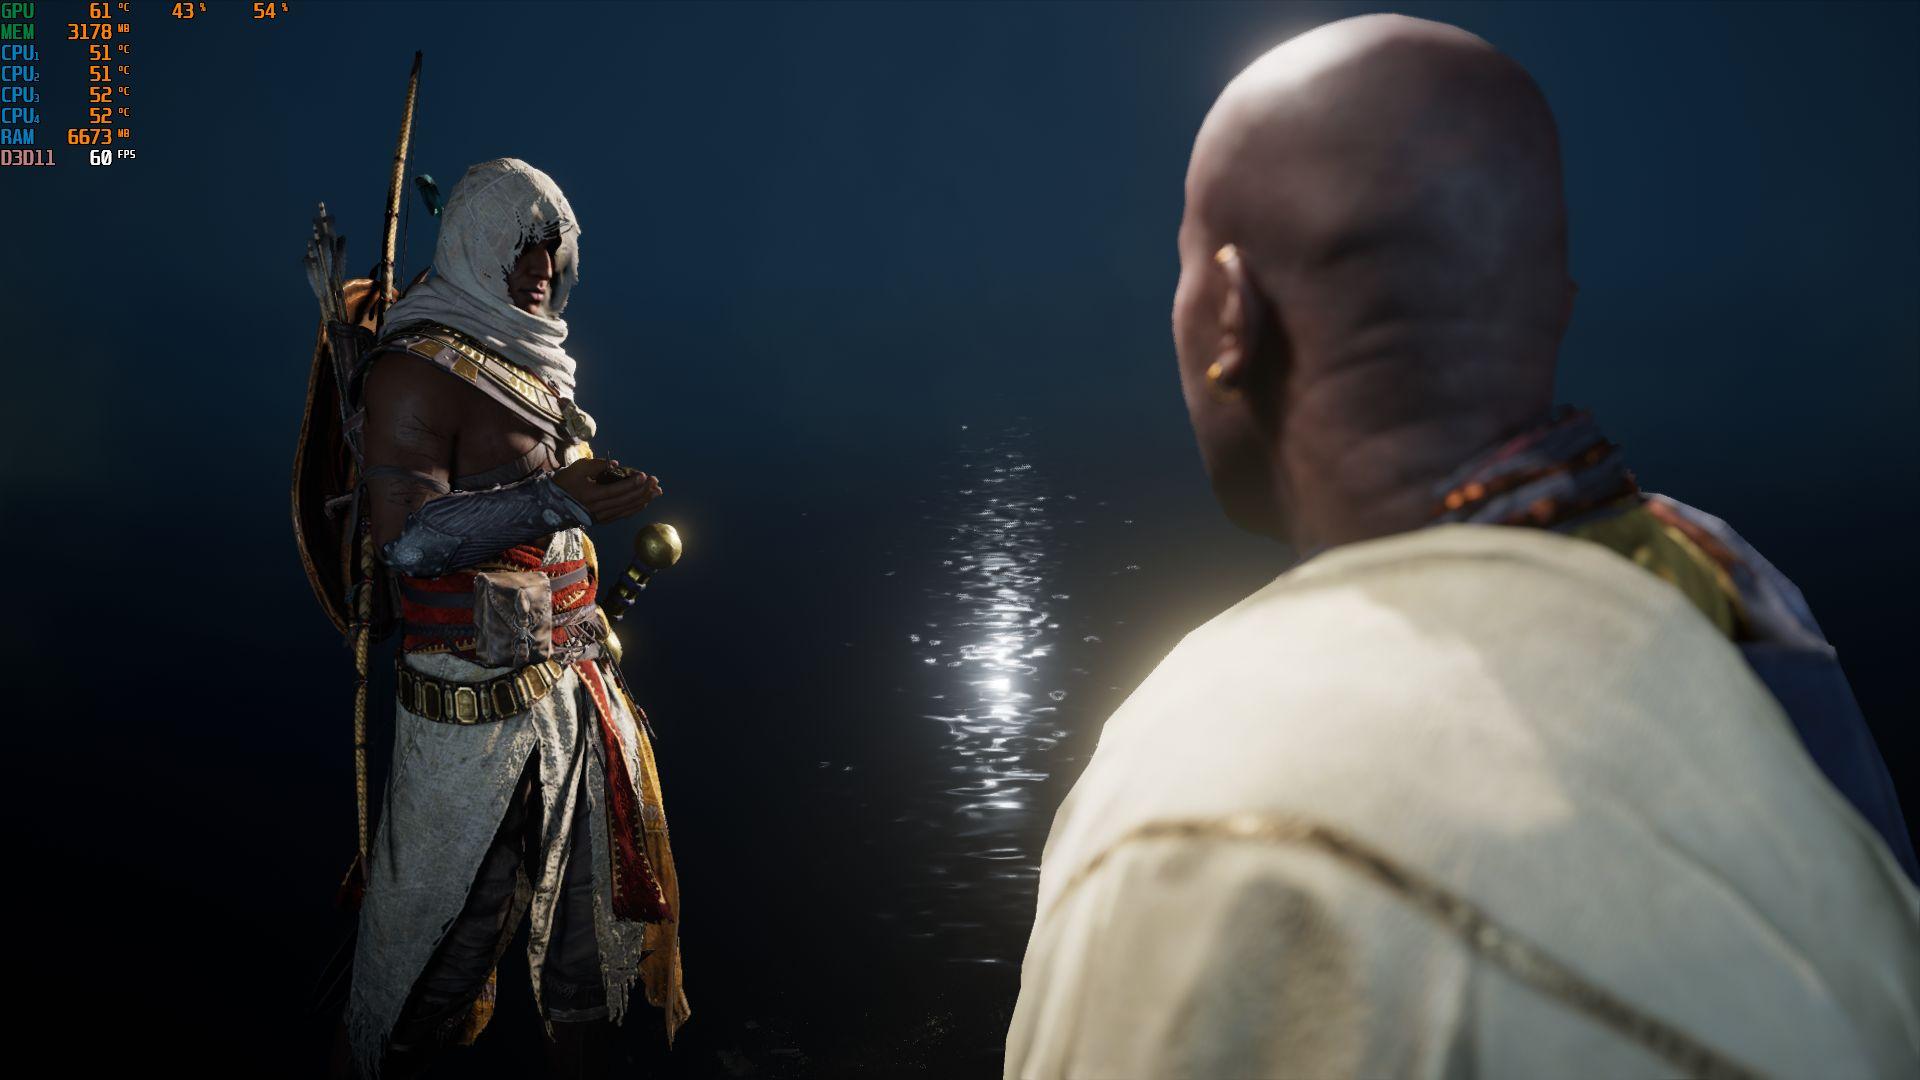 00067.Jpg - Assassin's Creed: Origins